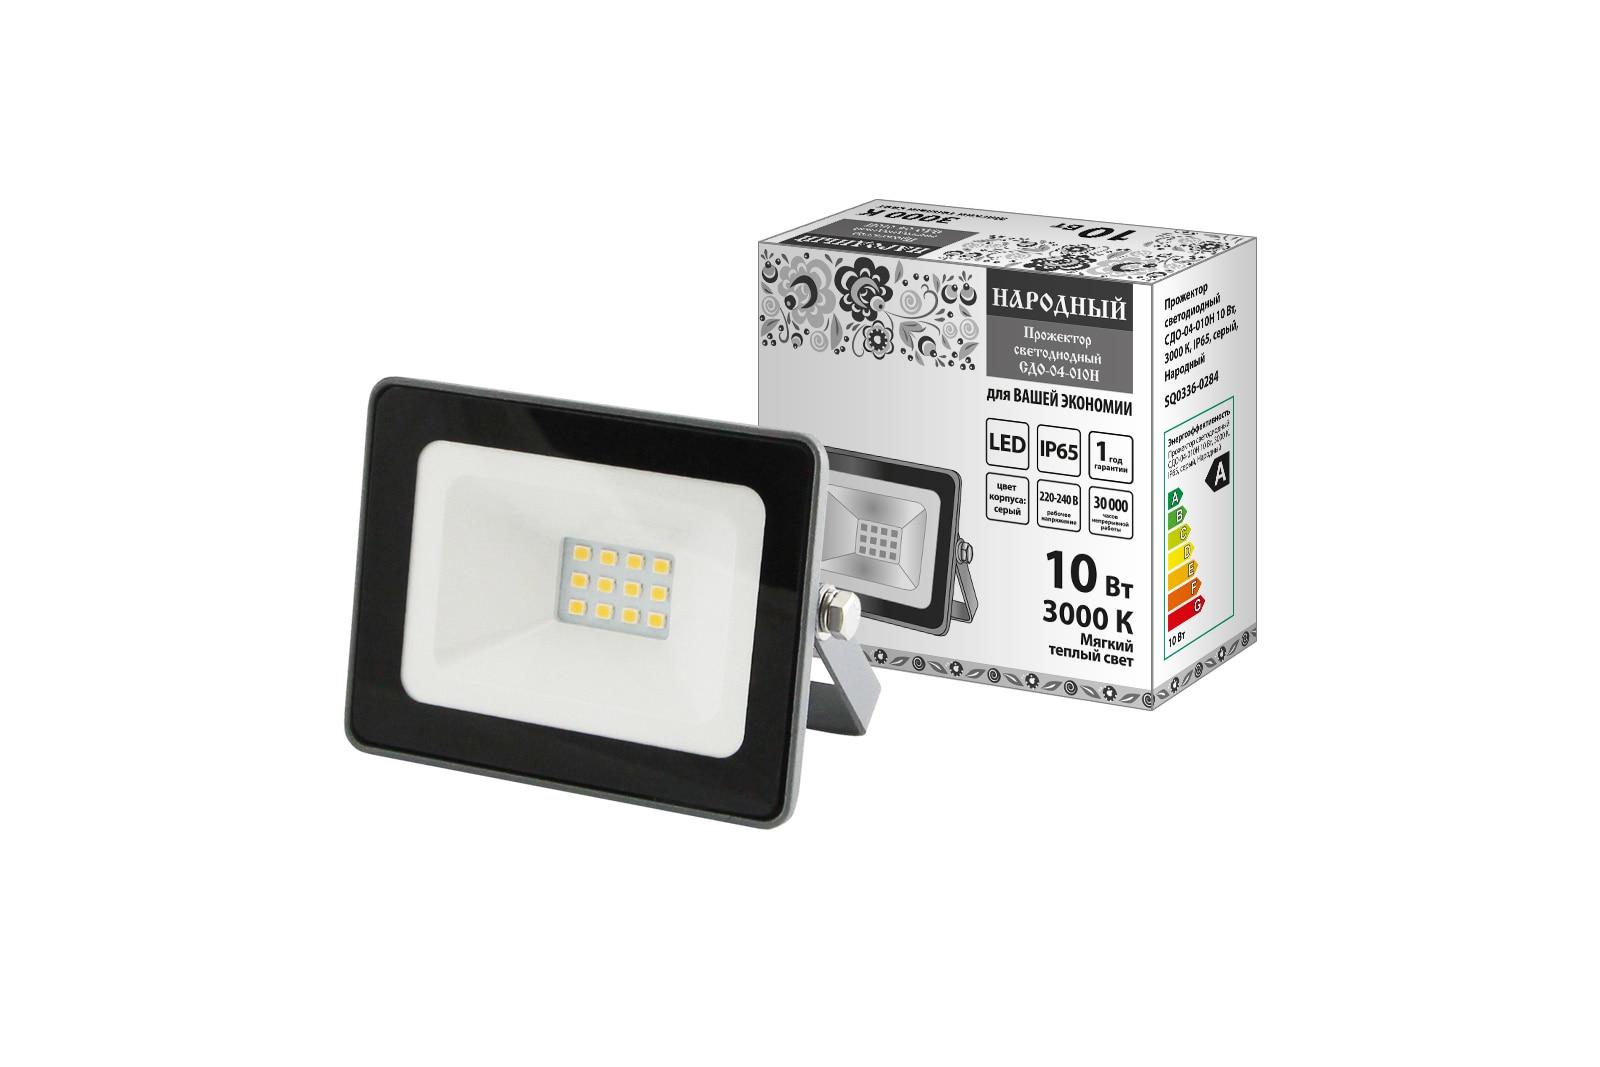 Прожектор светодиодный СДО-04-010Н 10 Вт, 3000 К, IP65, серый, Народный